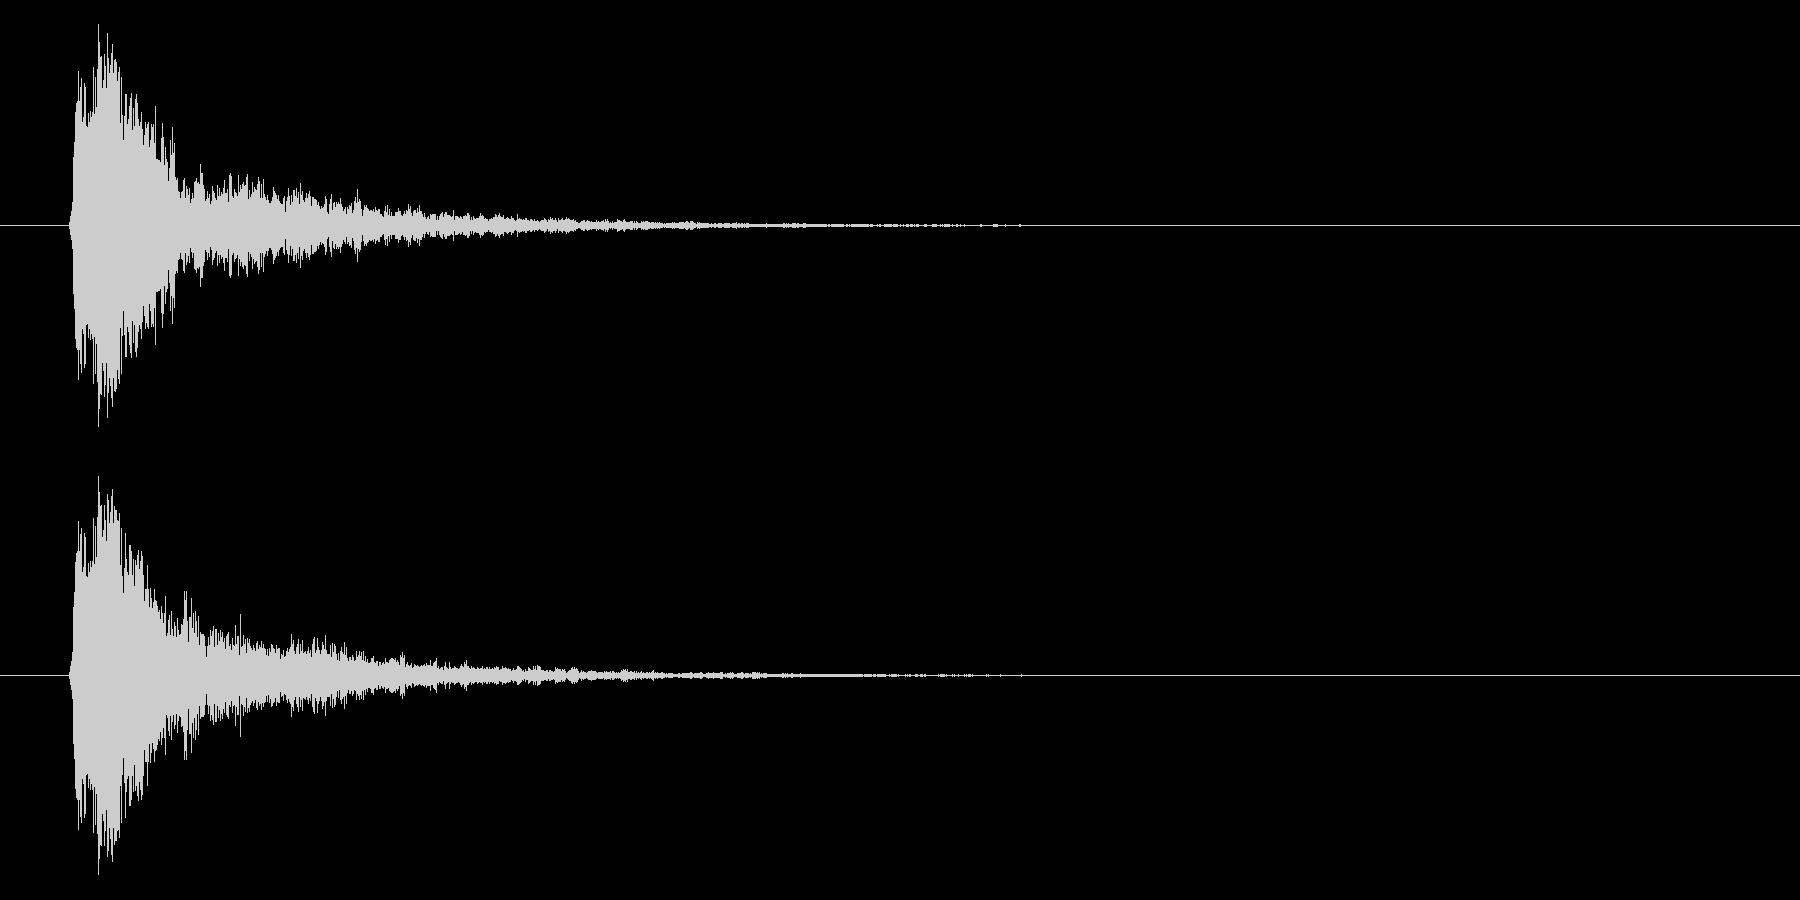 打撃06-5の未再生の波形